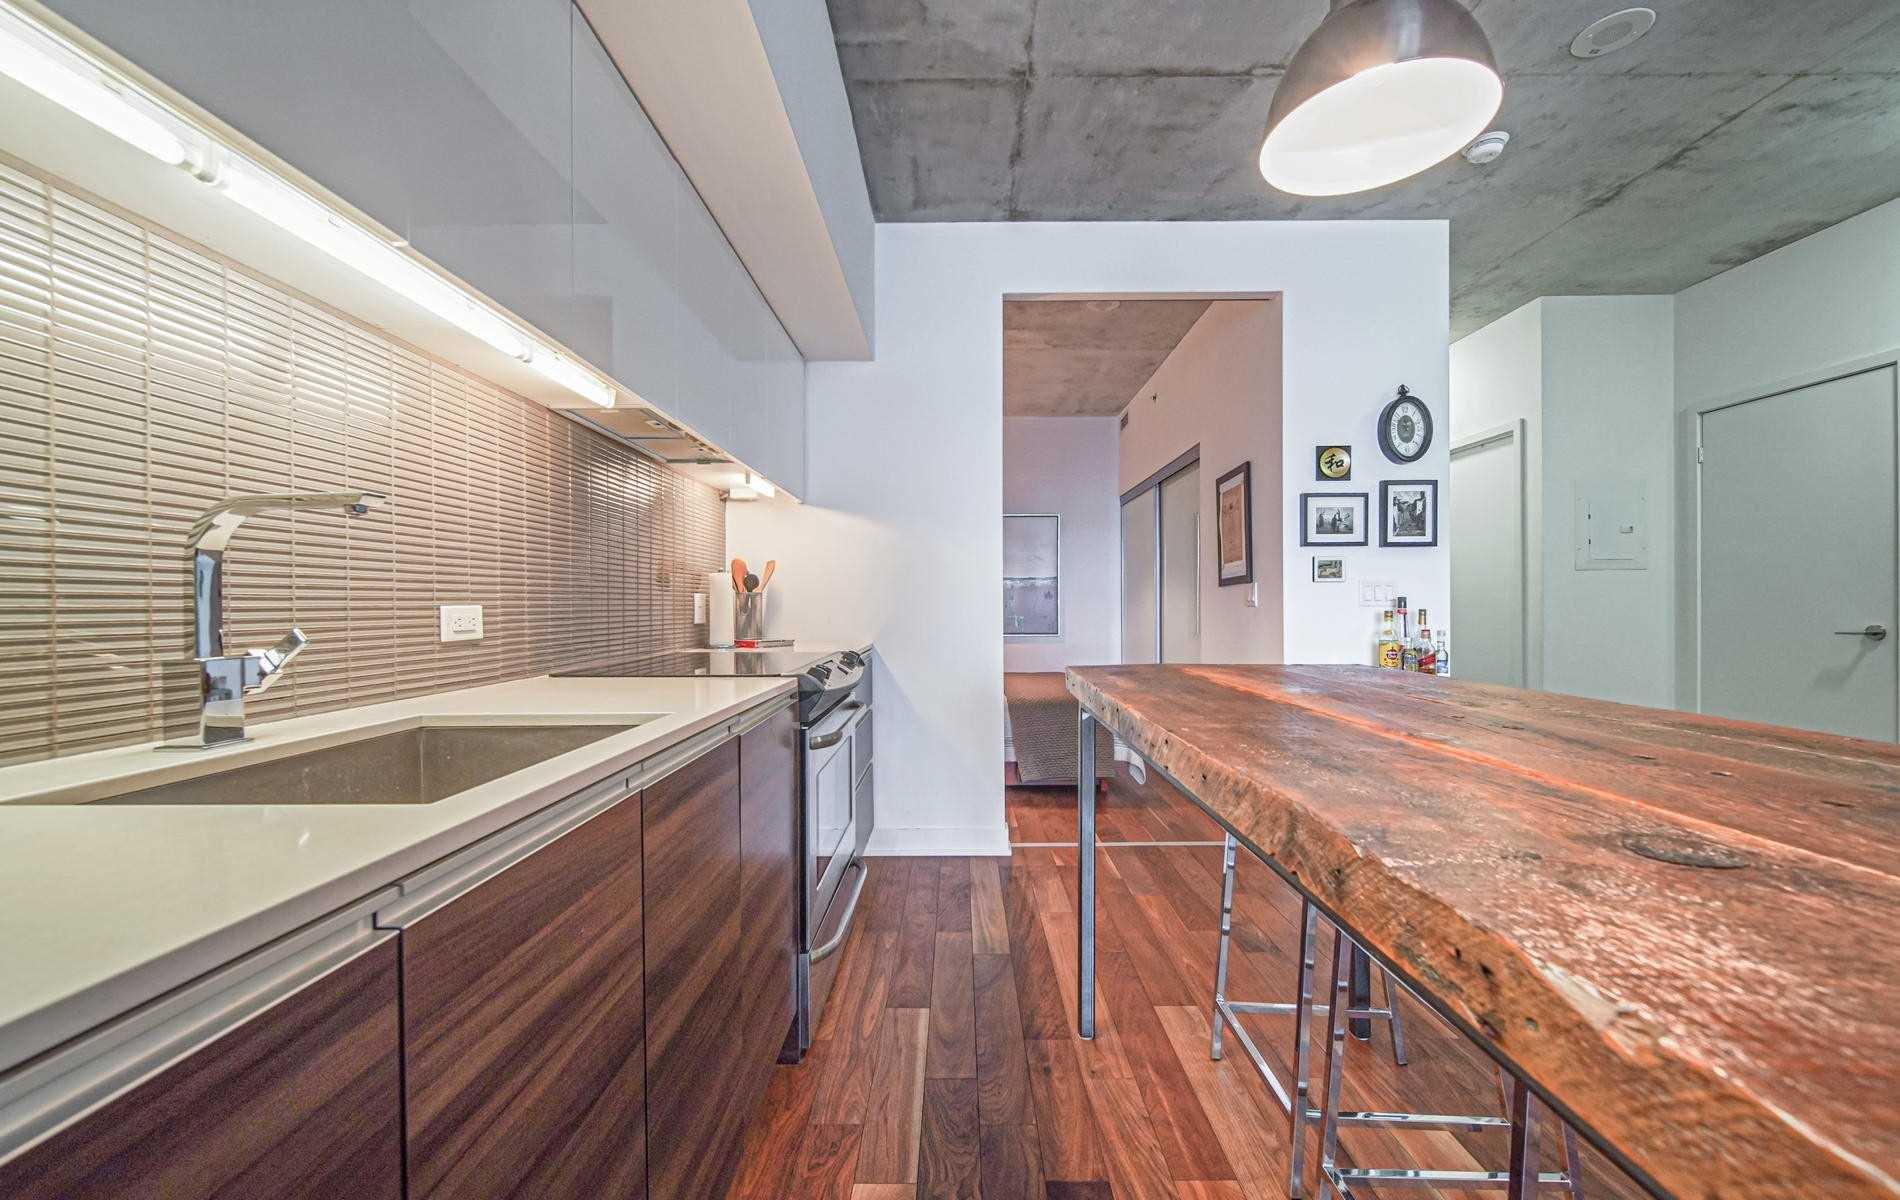 Photo 8: Photos: 702 1190 E Dundas Street in Toronto: South Riverdale Condo for sale (Toronto E01)  : MLS®# E4766173